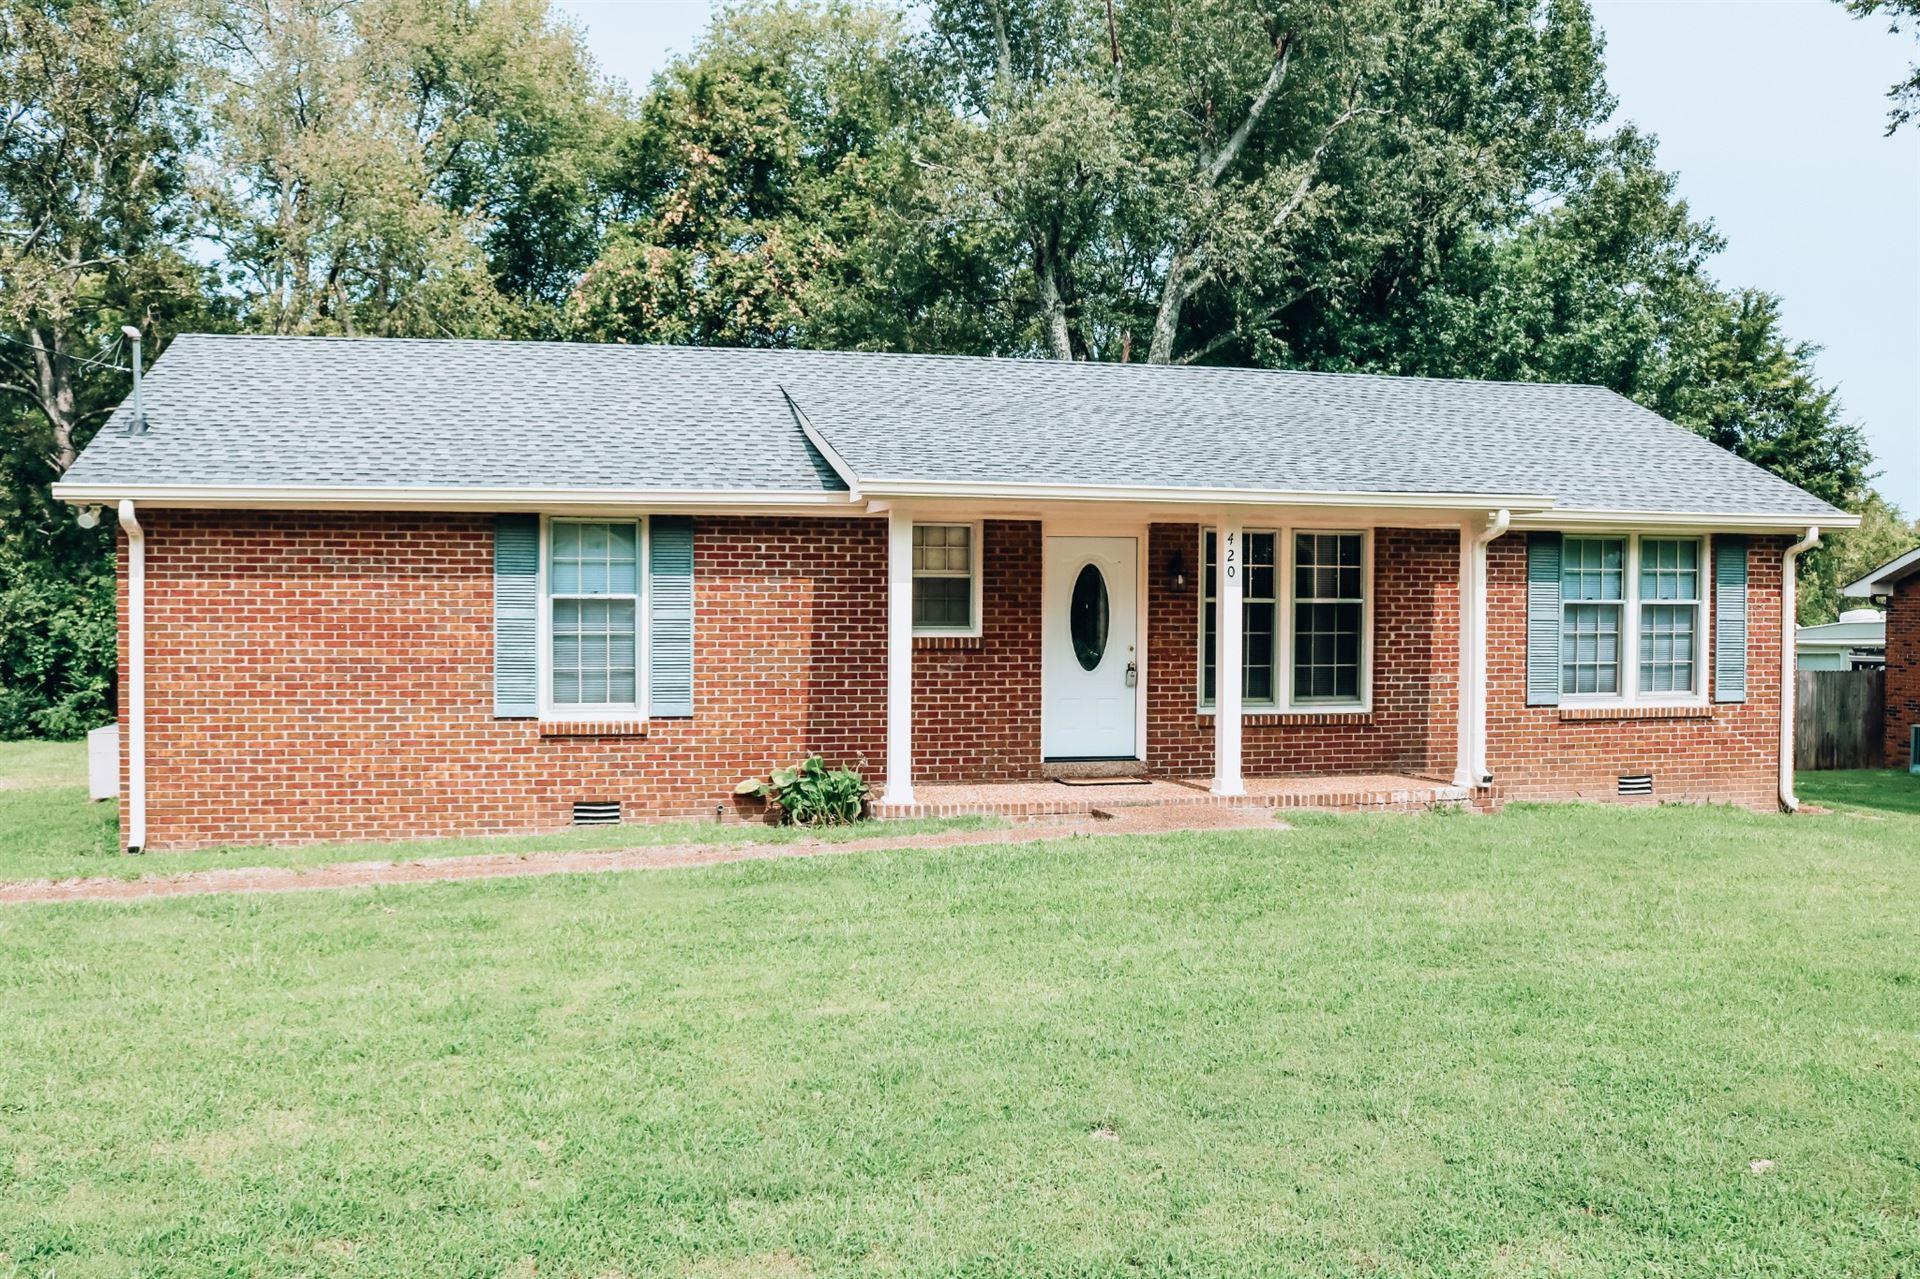 420 Perrolee St, Gallatin, TN 37066 - MLS#: 2189364